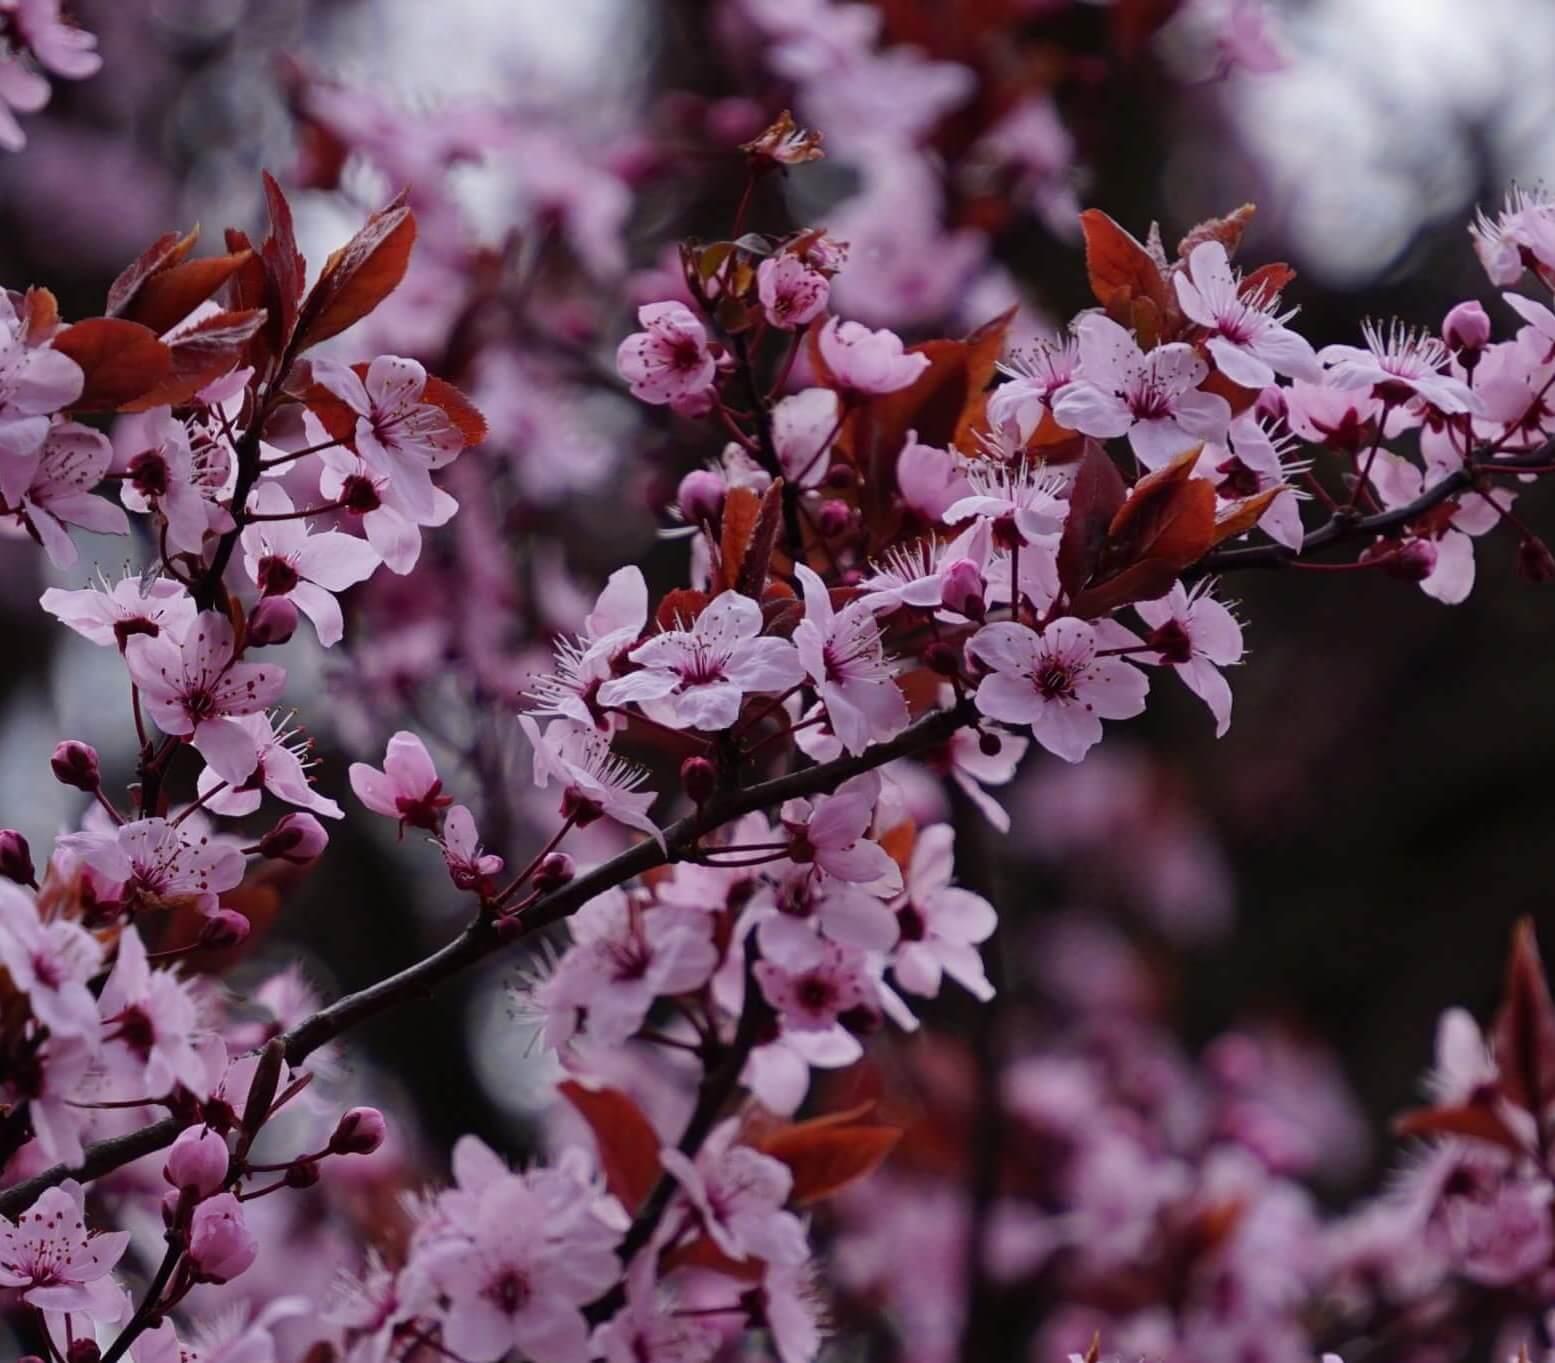 Das Bild zeigt die weiß-rosafarbenen Blüten an einer Japanischen Zierkirsche im Kosmosviertel. Die Blüten sind im Gegensatz zu den Zuchtsorten mit dicht gefüllten Blüten einfach und nur mit fünf Kronblättern ausgestattet.